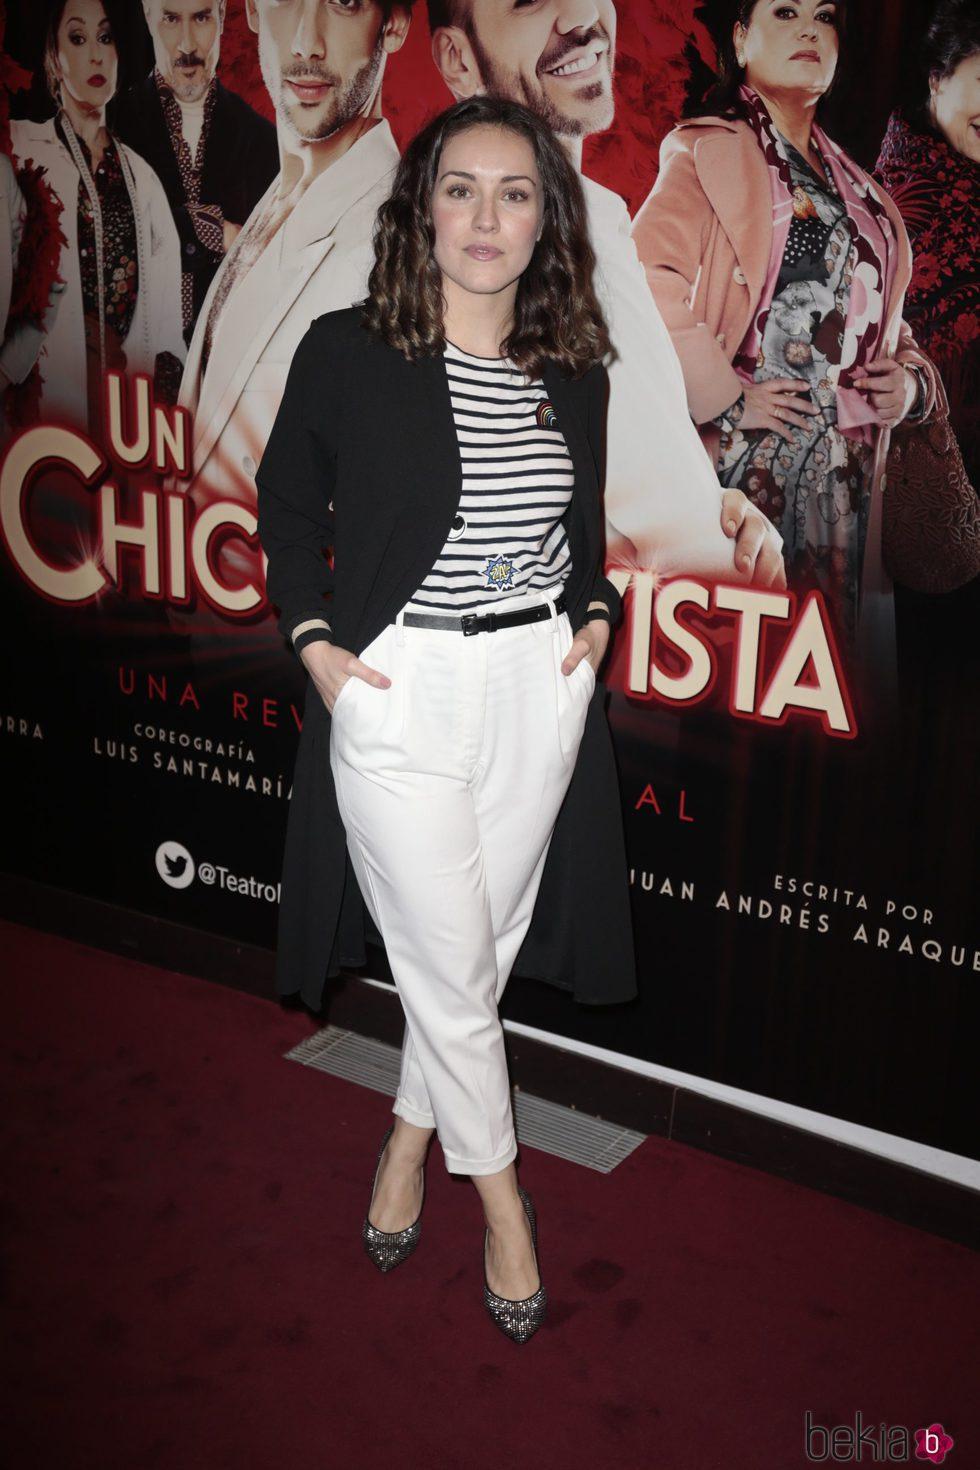 Claudia Molina en el estreno de 'Un chico de revista'